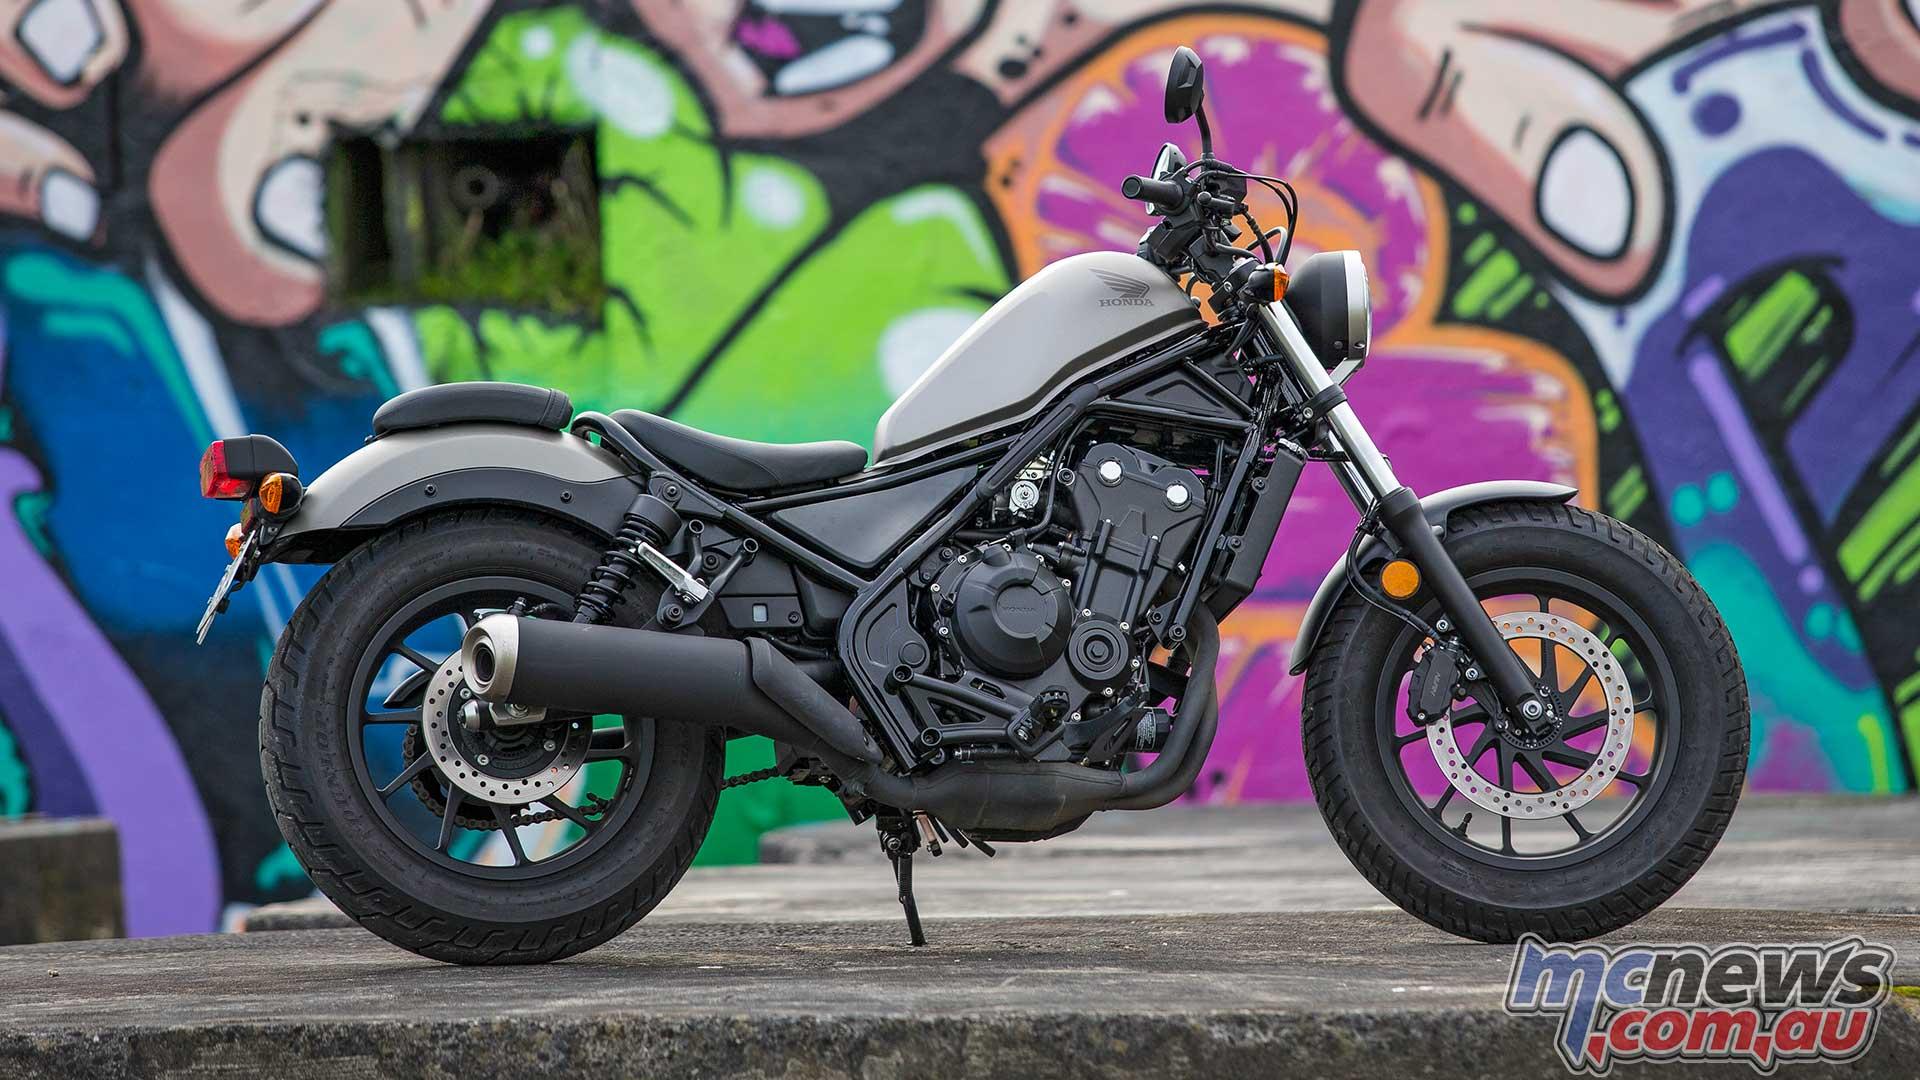 honda cmx 500 motorcycle test lams bobber. Black Bedroom Furniture Sets. Home Design Ideas